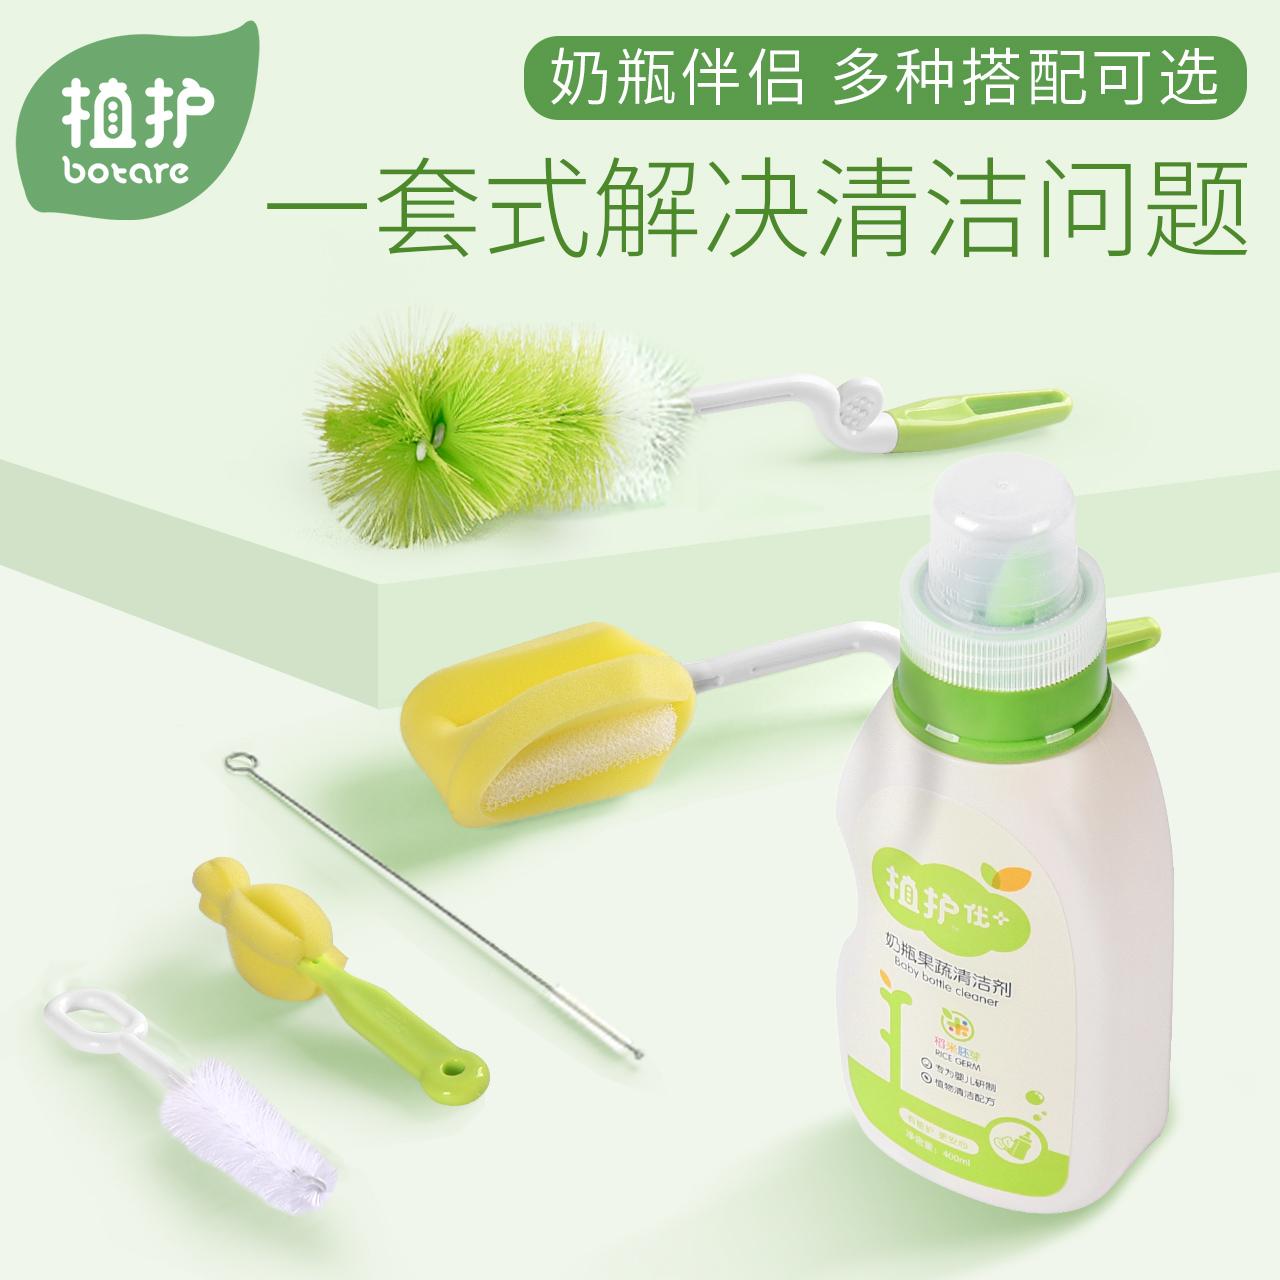 植护洗奶瓶刷子清洁刷清洗套装奶嘴刷海绵奶瓶夹子装奶粉盒奶瓶架